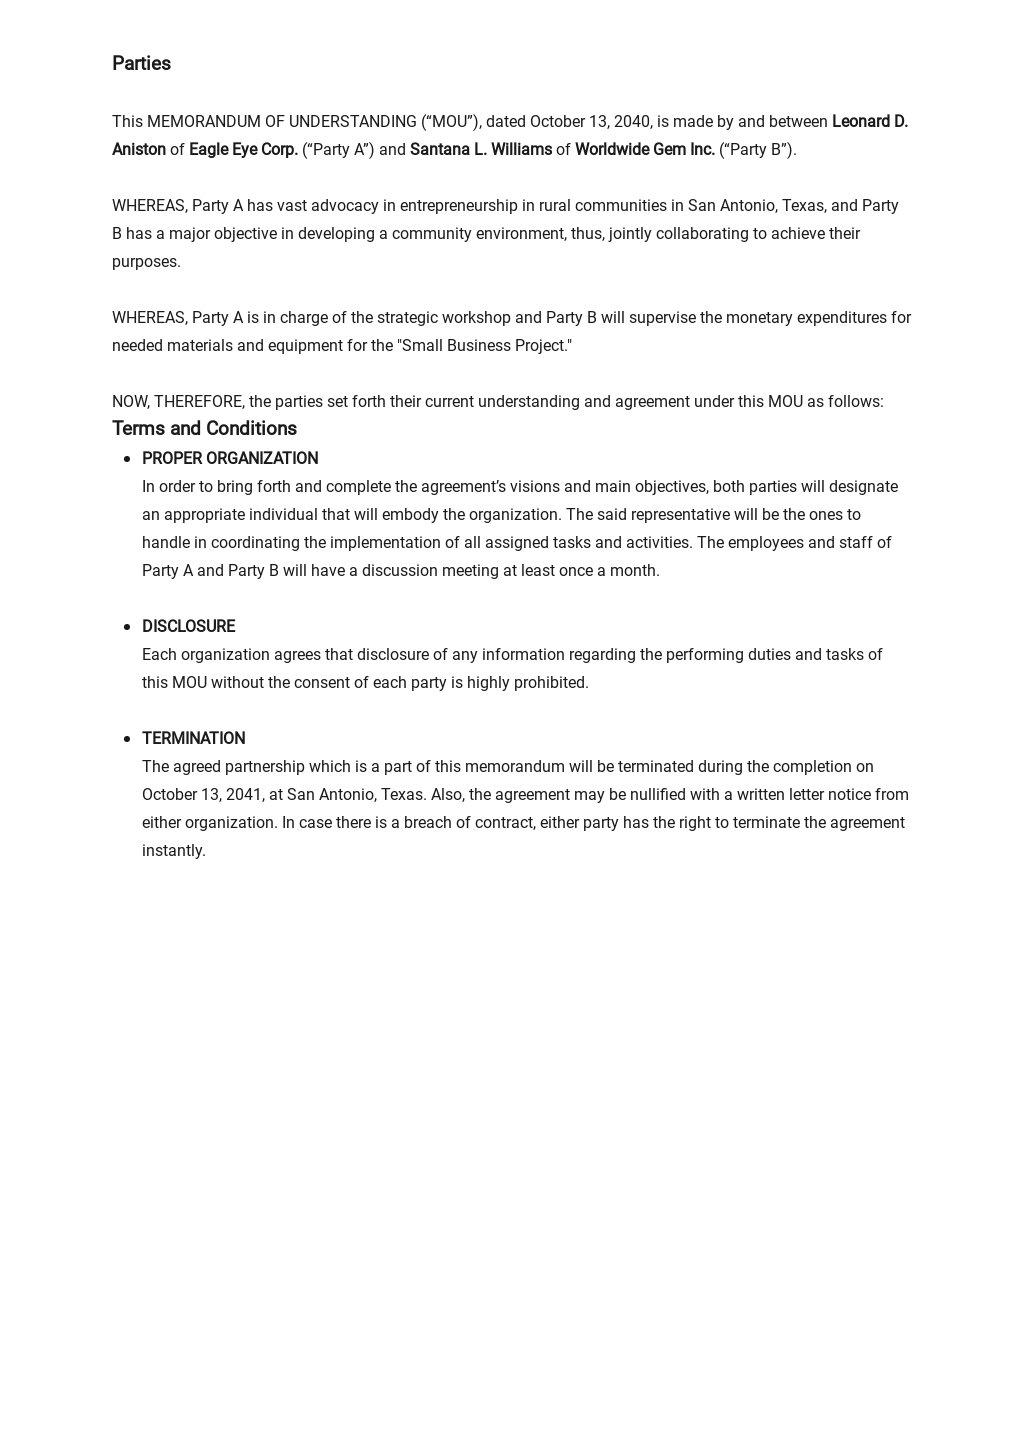 Memorandum of Understanding Between Two Parties for Business Template 1.jpe